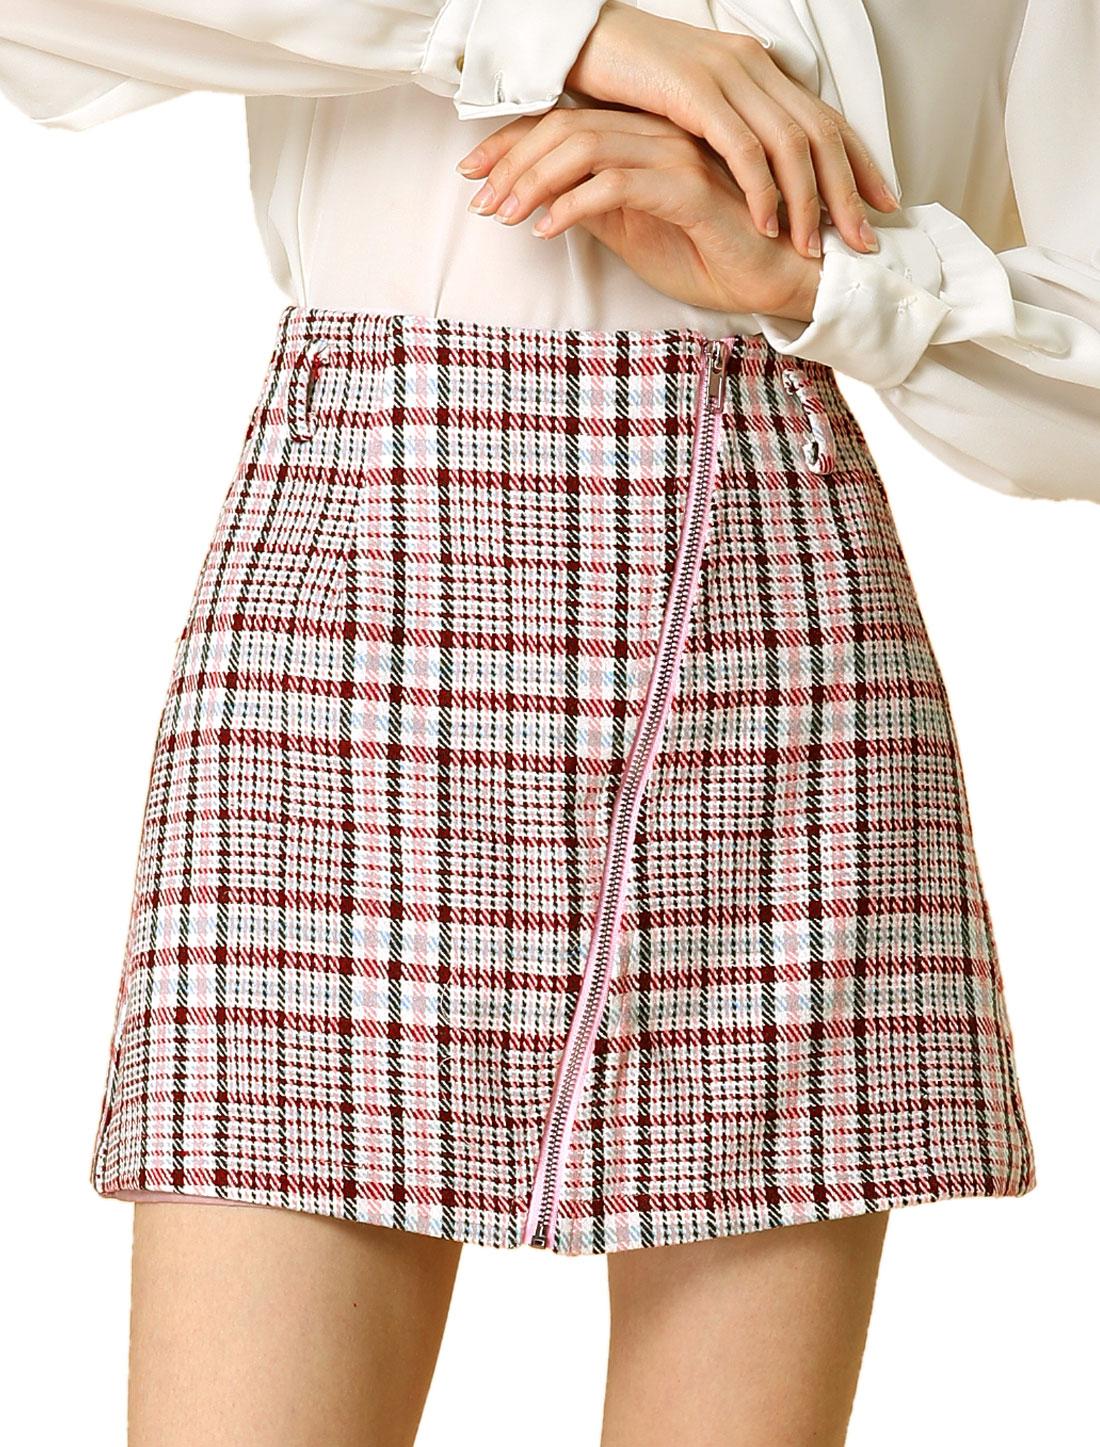 Allegra K Women's Zip High Waist Aline Plaids Skirt with Belt PINK XS (US 2)